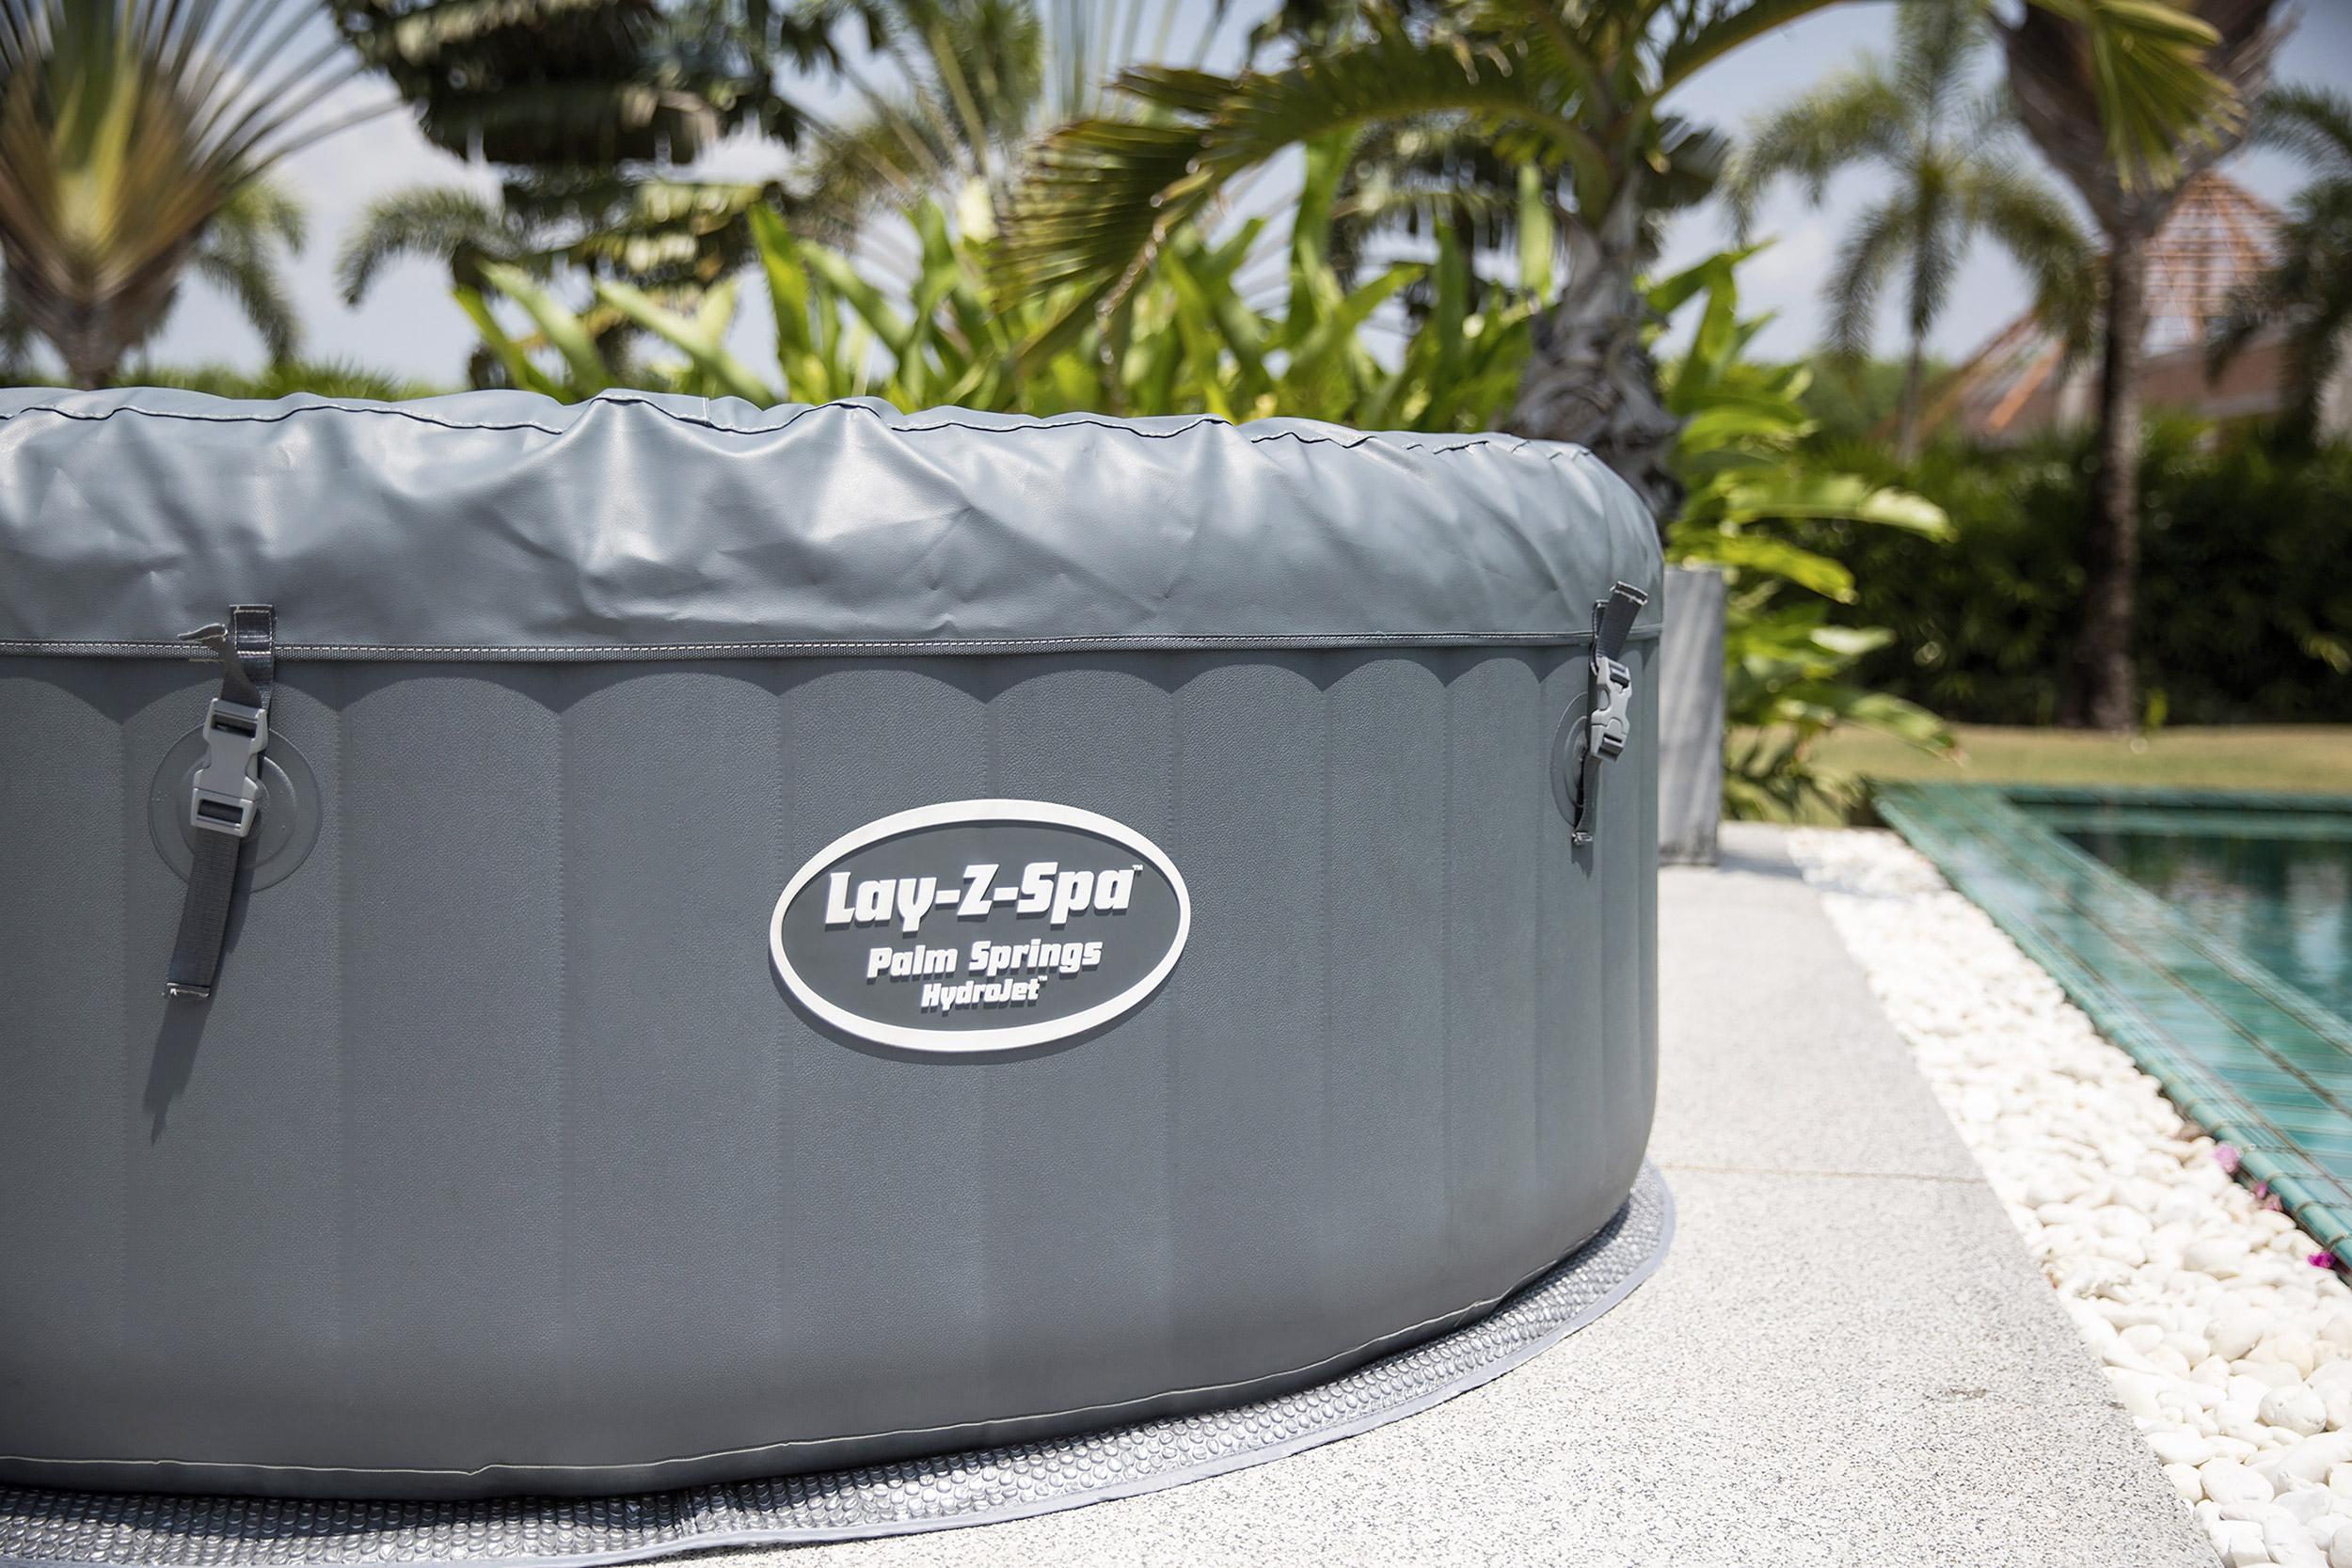 Der Lay-Z-Spa Palm Springs Hydrojet mit Abdeckung und wärmeisolierender Bodenmatte